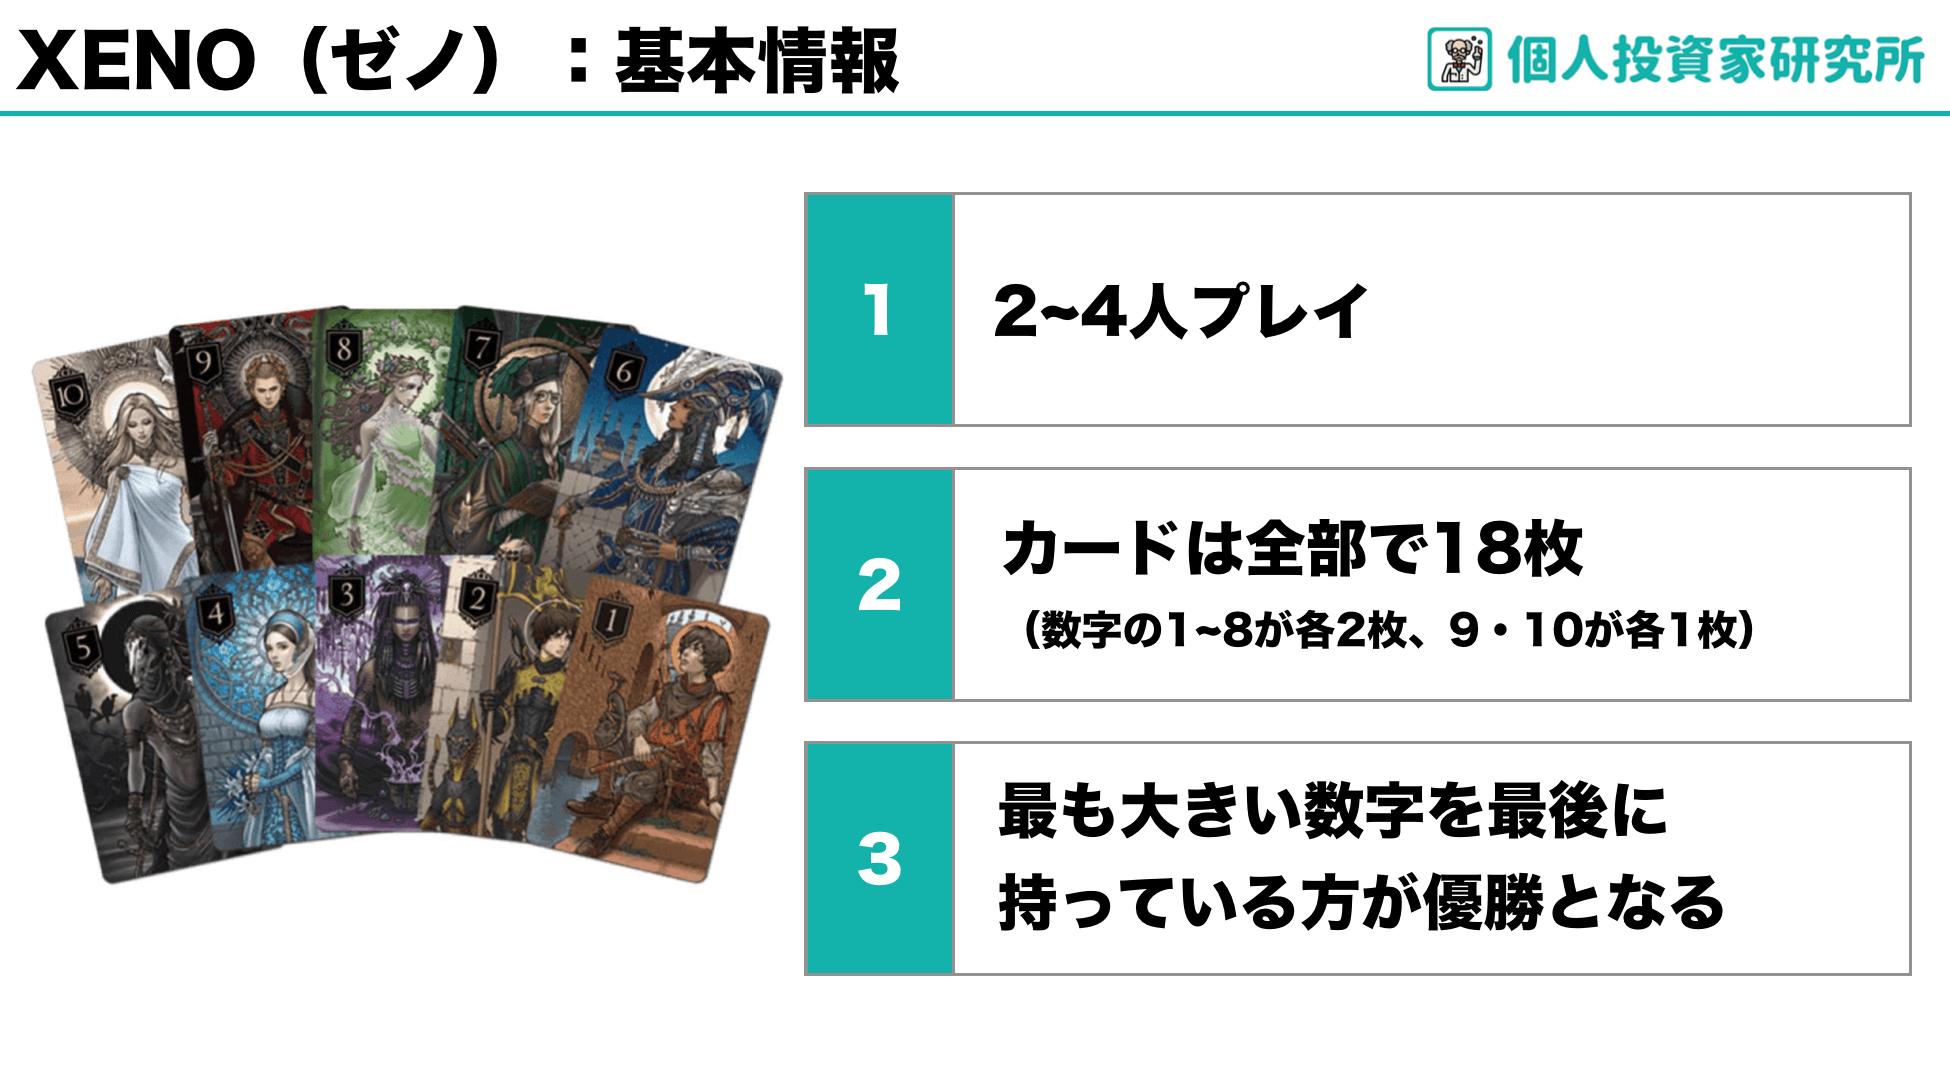 【ルール】中田敦彦さん考案のカードゲーム・XENO(ゼノ)